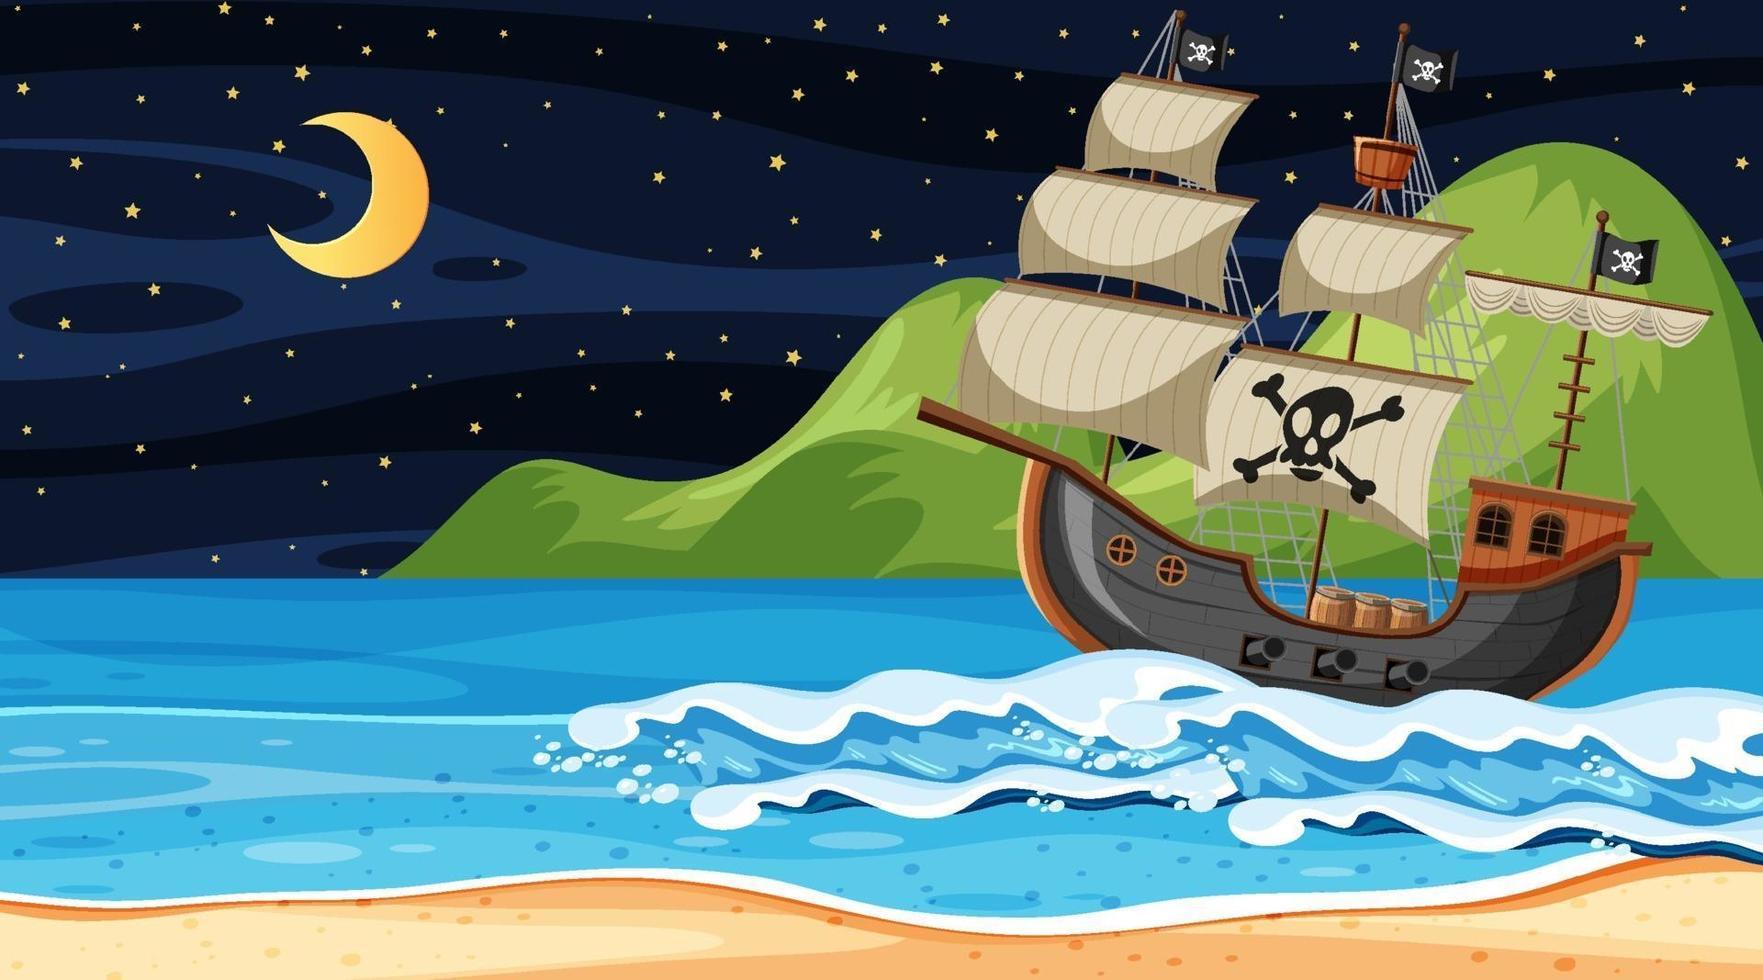 oceano con nave pirata di scena notturna in stile cartone animato vettore